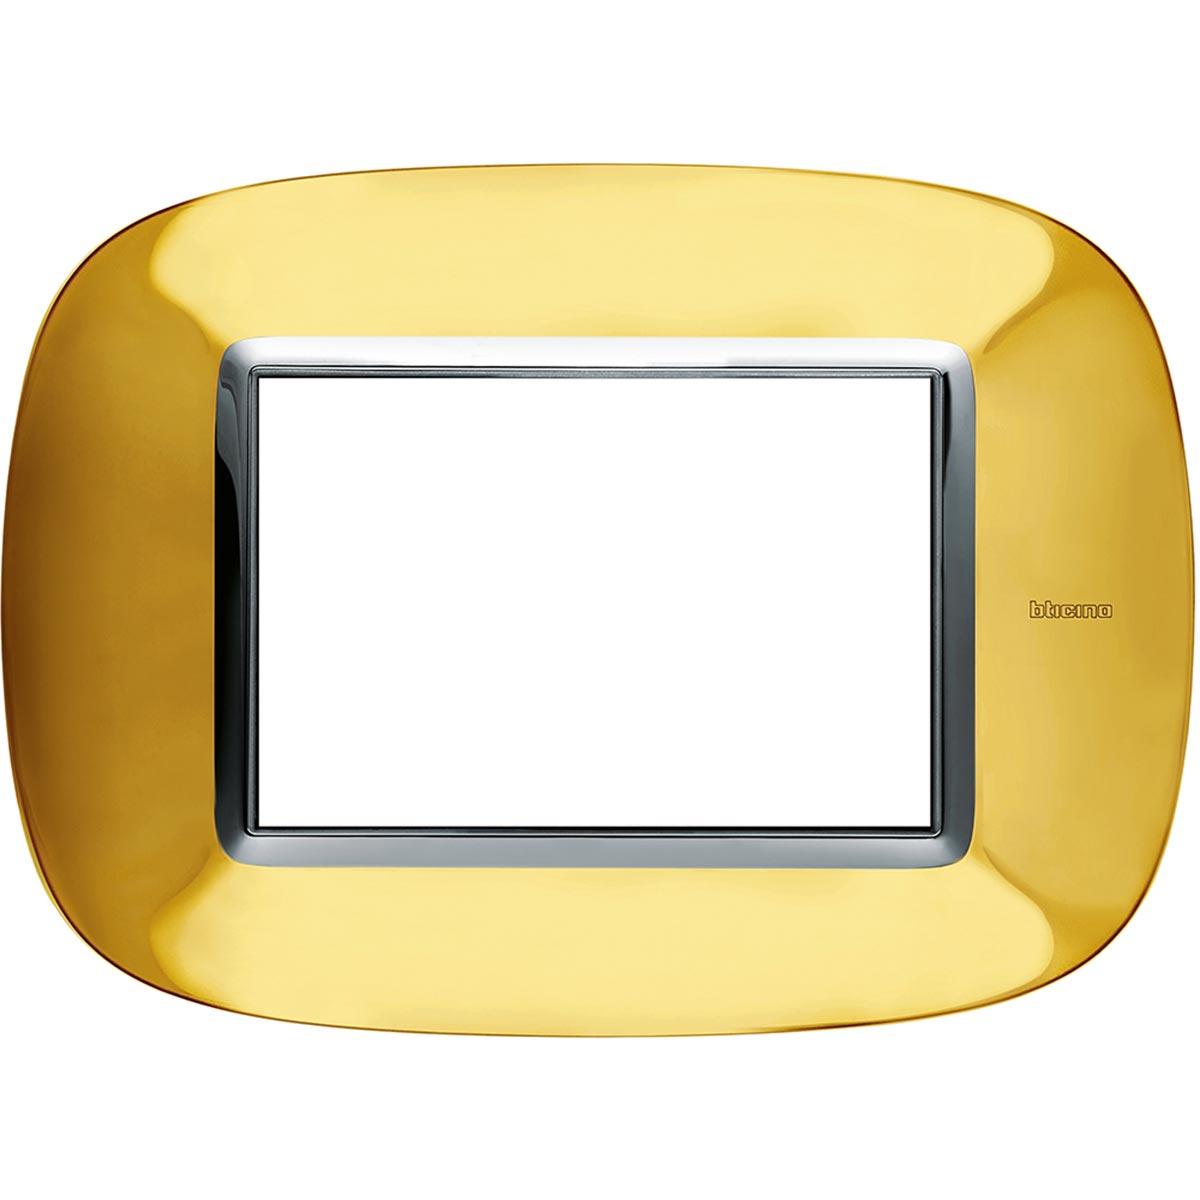 HB4803OR axolute bticino placche oro lucido 3 posti